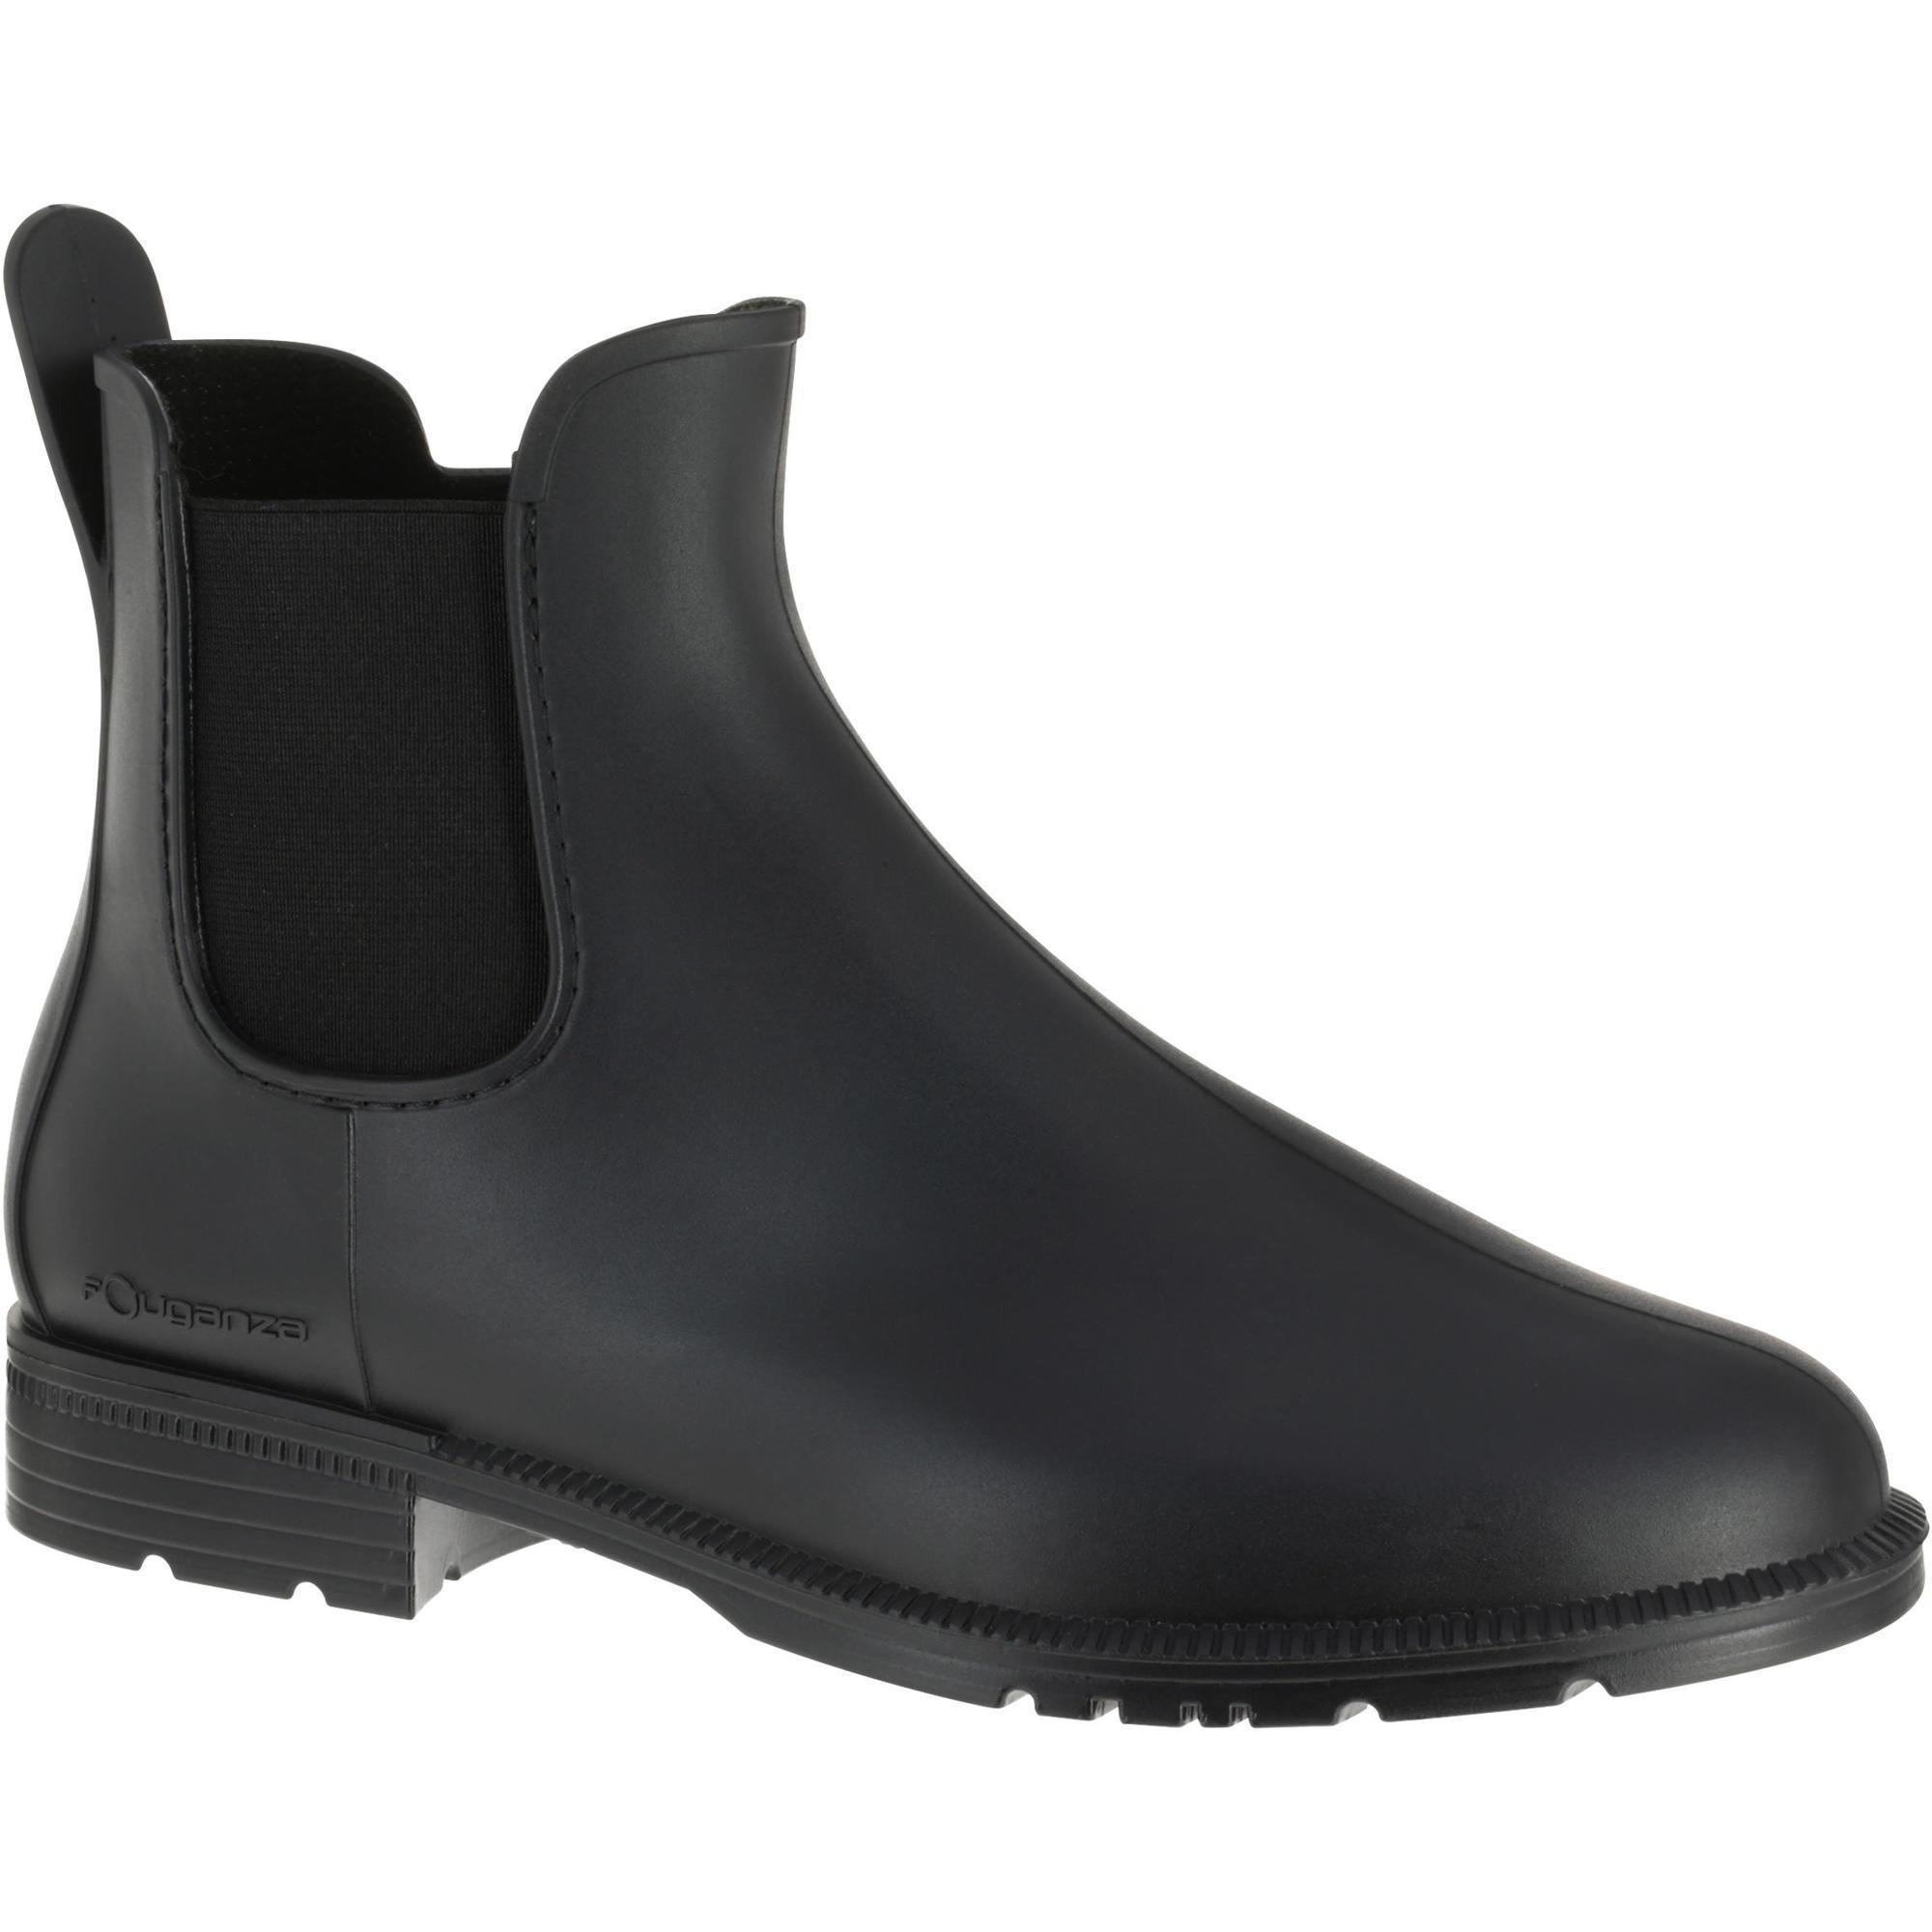 Reitstiefeletten Schooling gummi Erwachsene schwarz   Schuhe > Sportschuhe > Reitstiefel   Fouganza